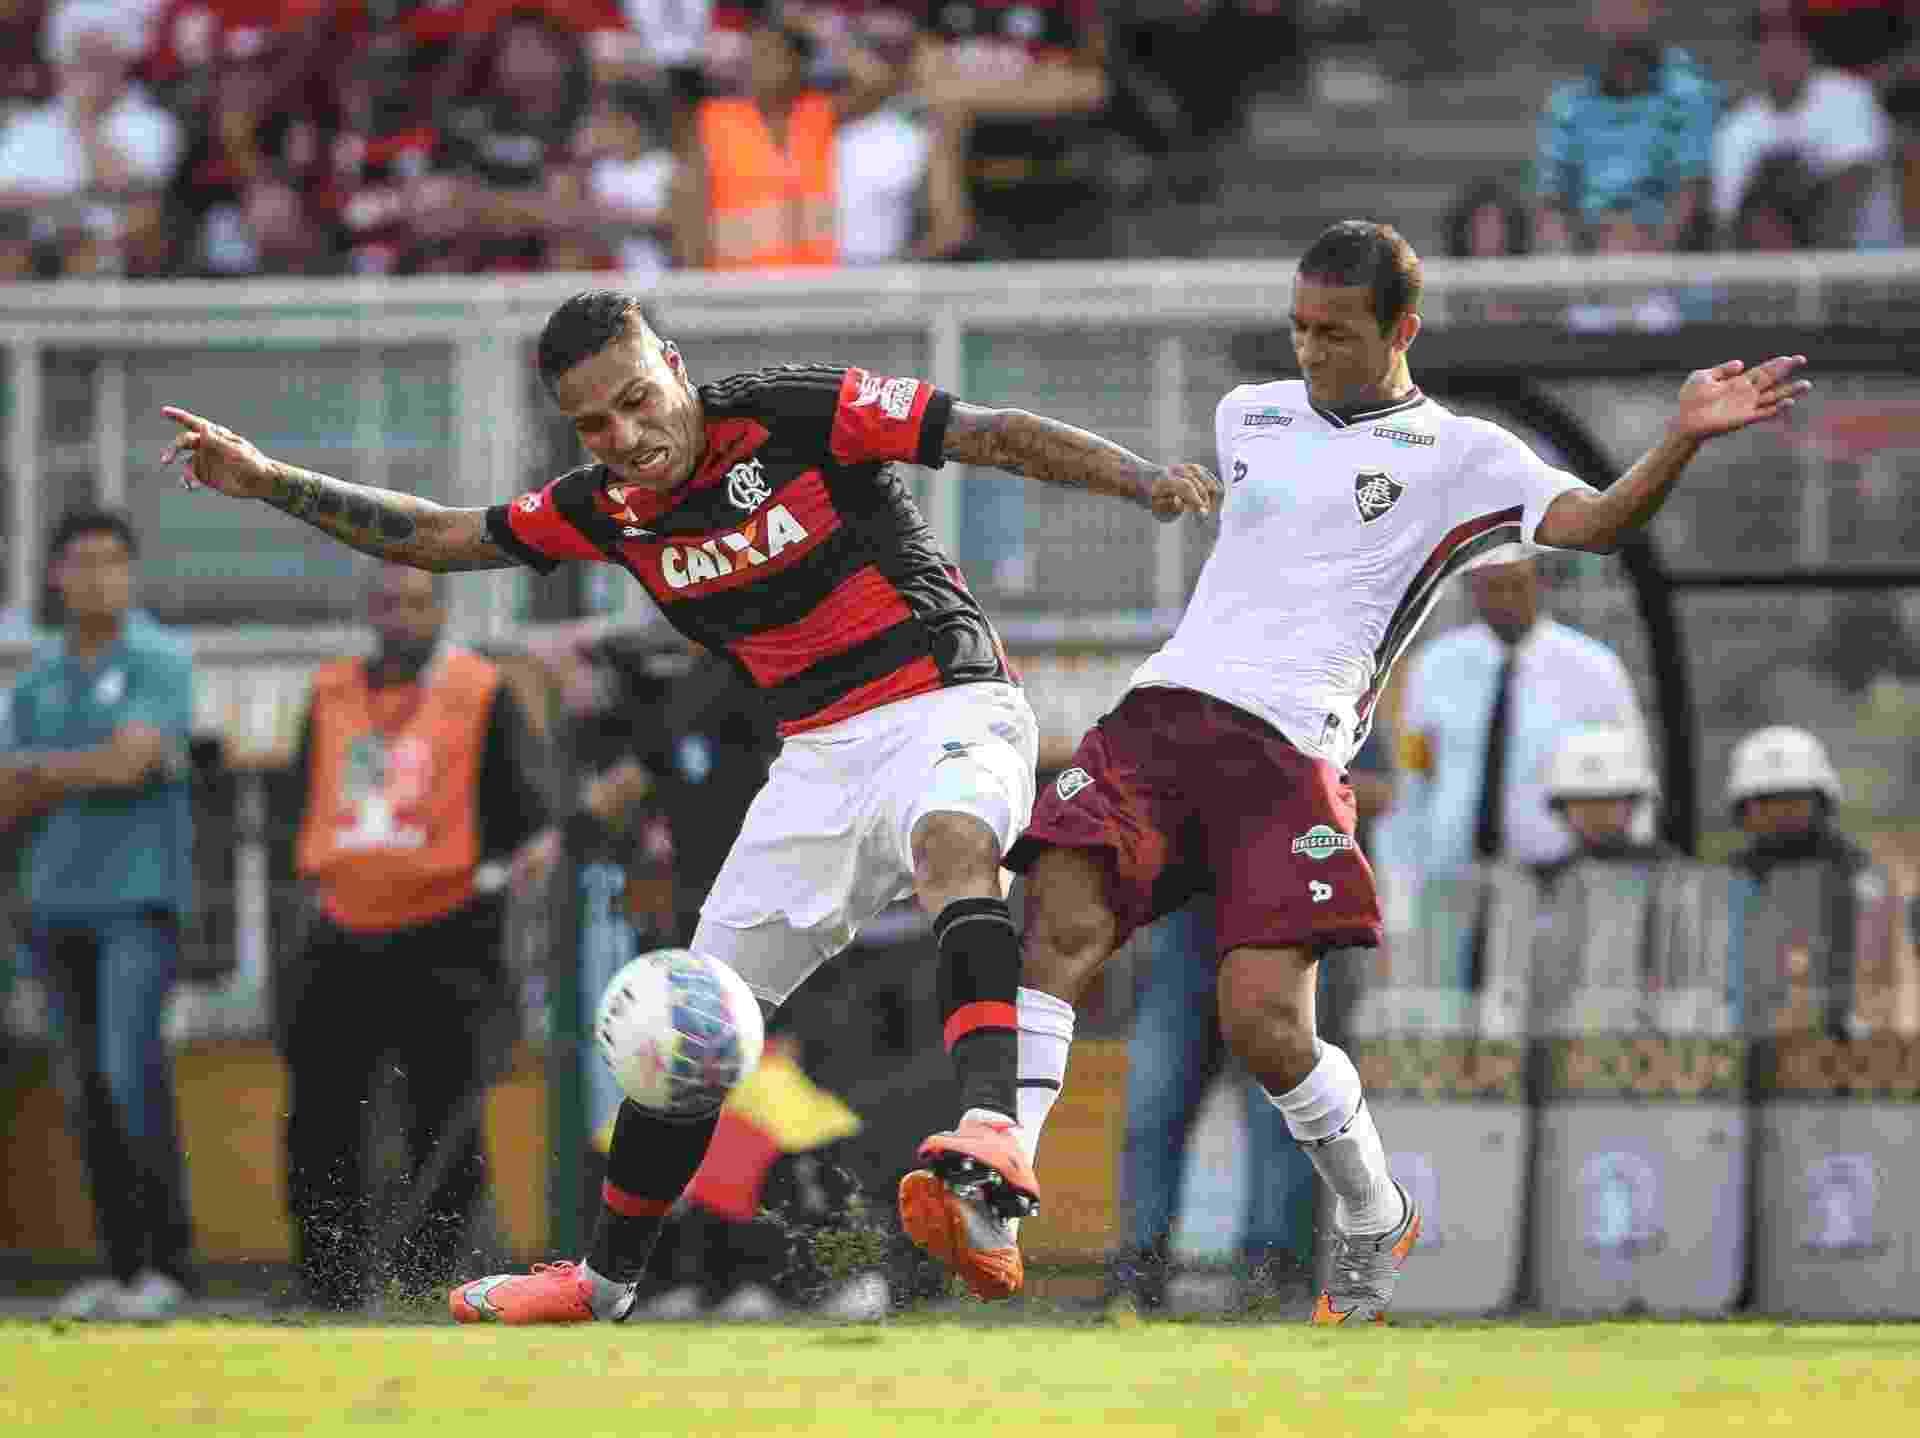 Guerrero disputa bola com Pierre, durante a partida entre Flamengo e Fluminense - Ricardo Nogueira/Folhapress